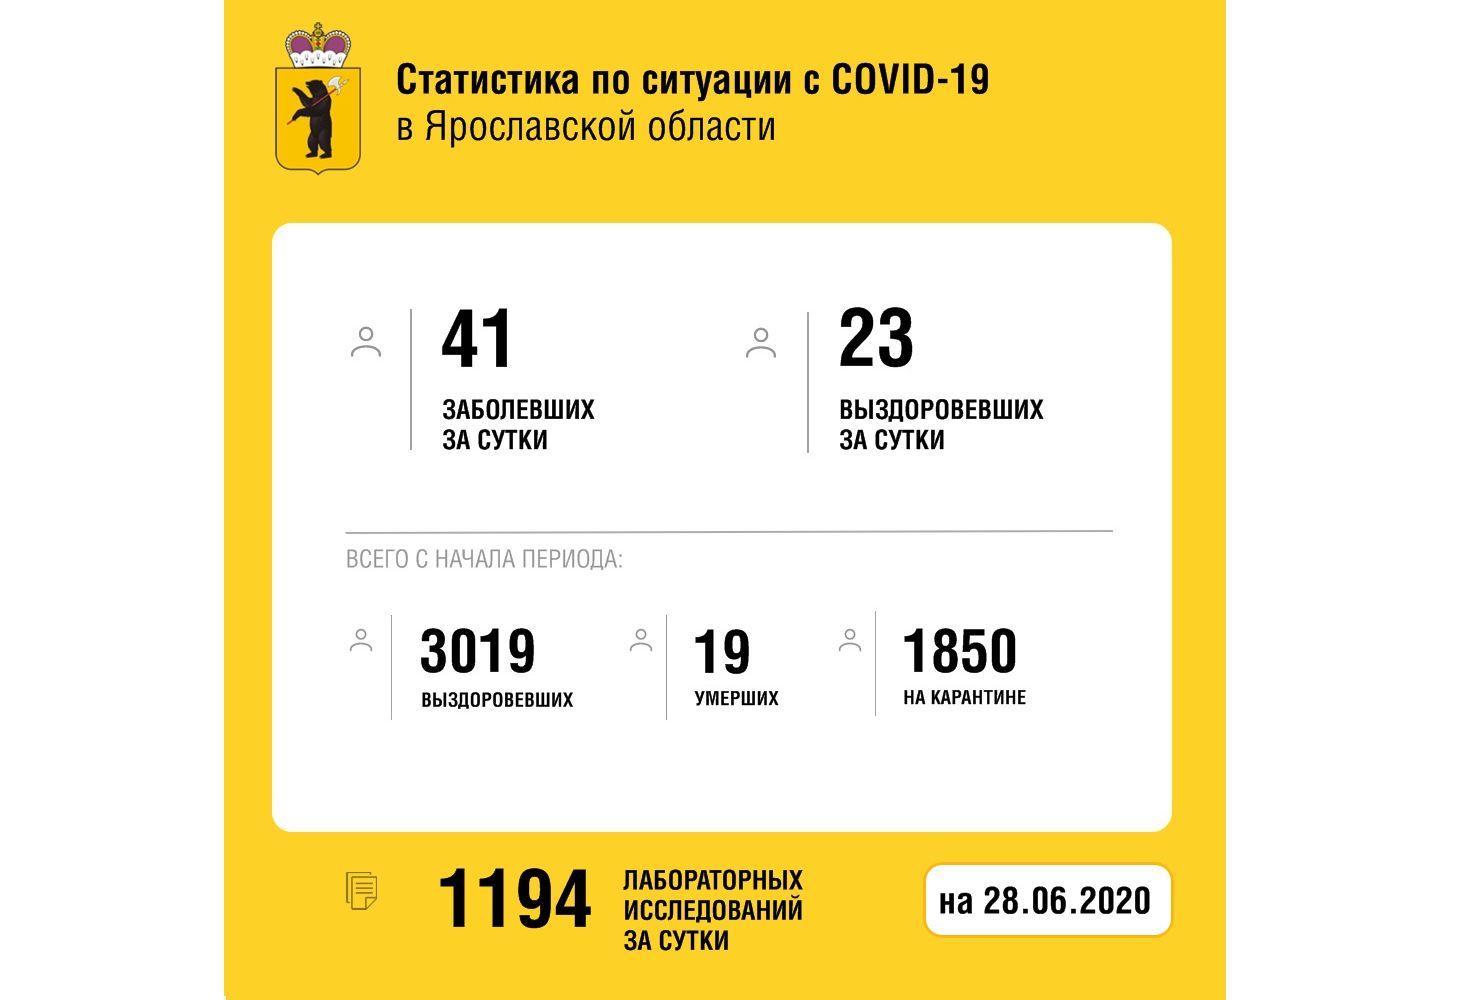 В Ярославской области от коронавируса вылечили еще 23 человек